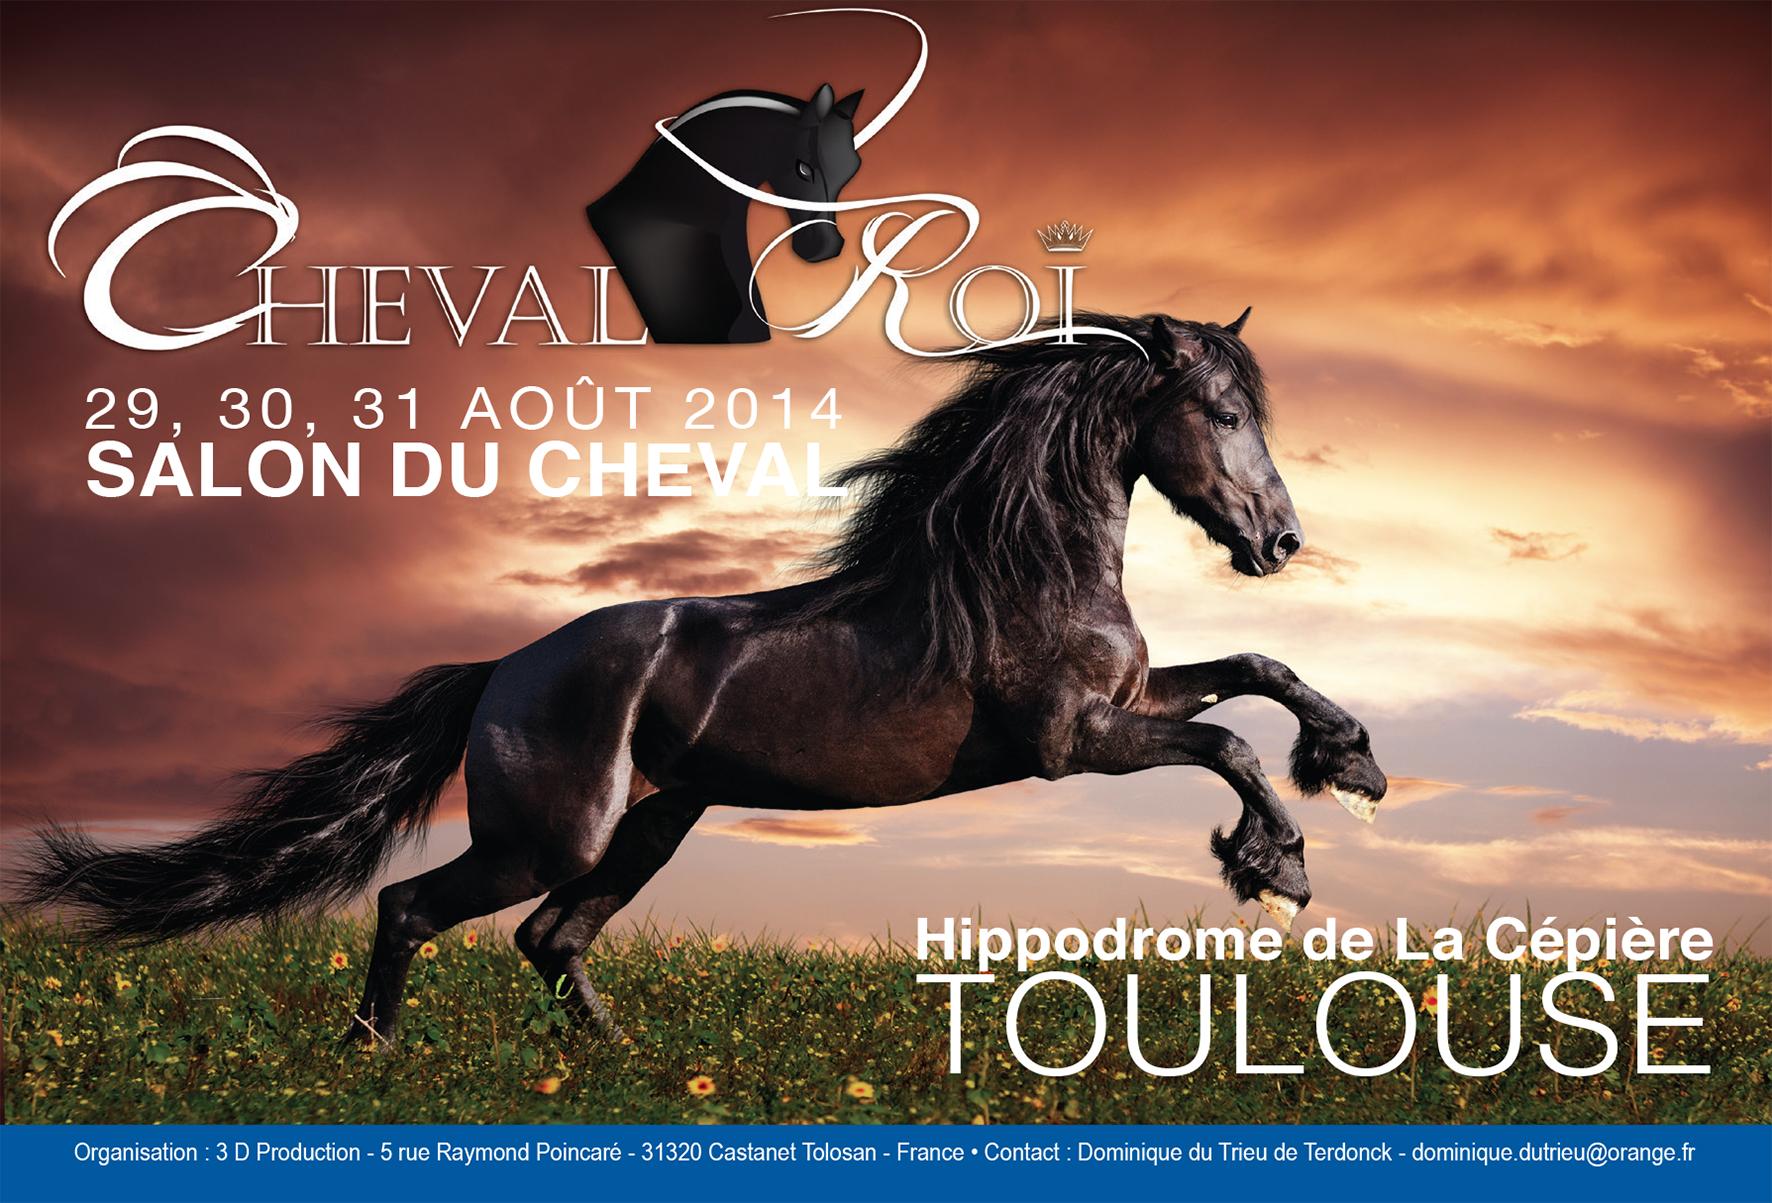 Salon du cheval cheval roi toulouse 31 du - Salon du cheval tarif ...